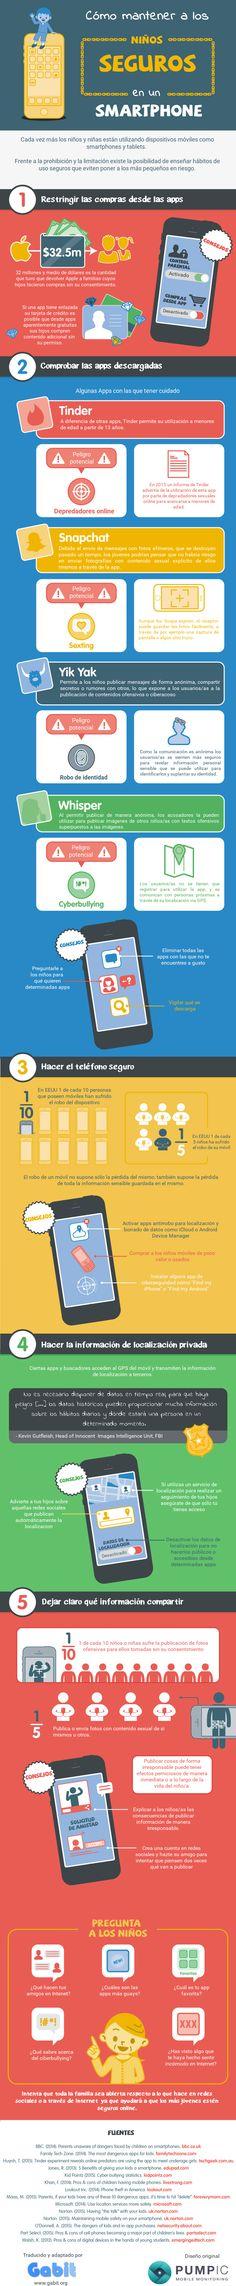 Infografía: Cómo mantener a los niños seguros en un Smartphone.  #mlearning #seguridad #smarphones